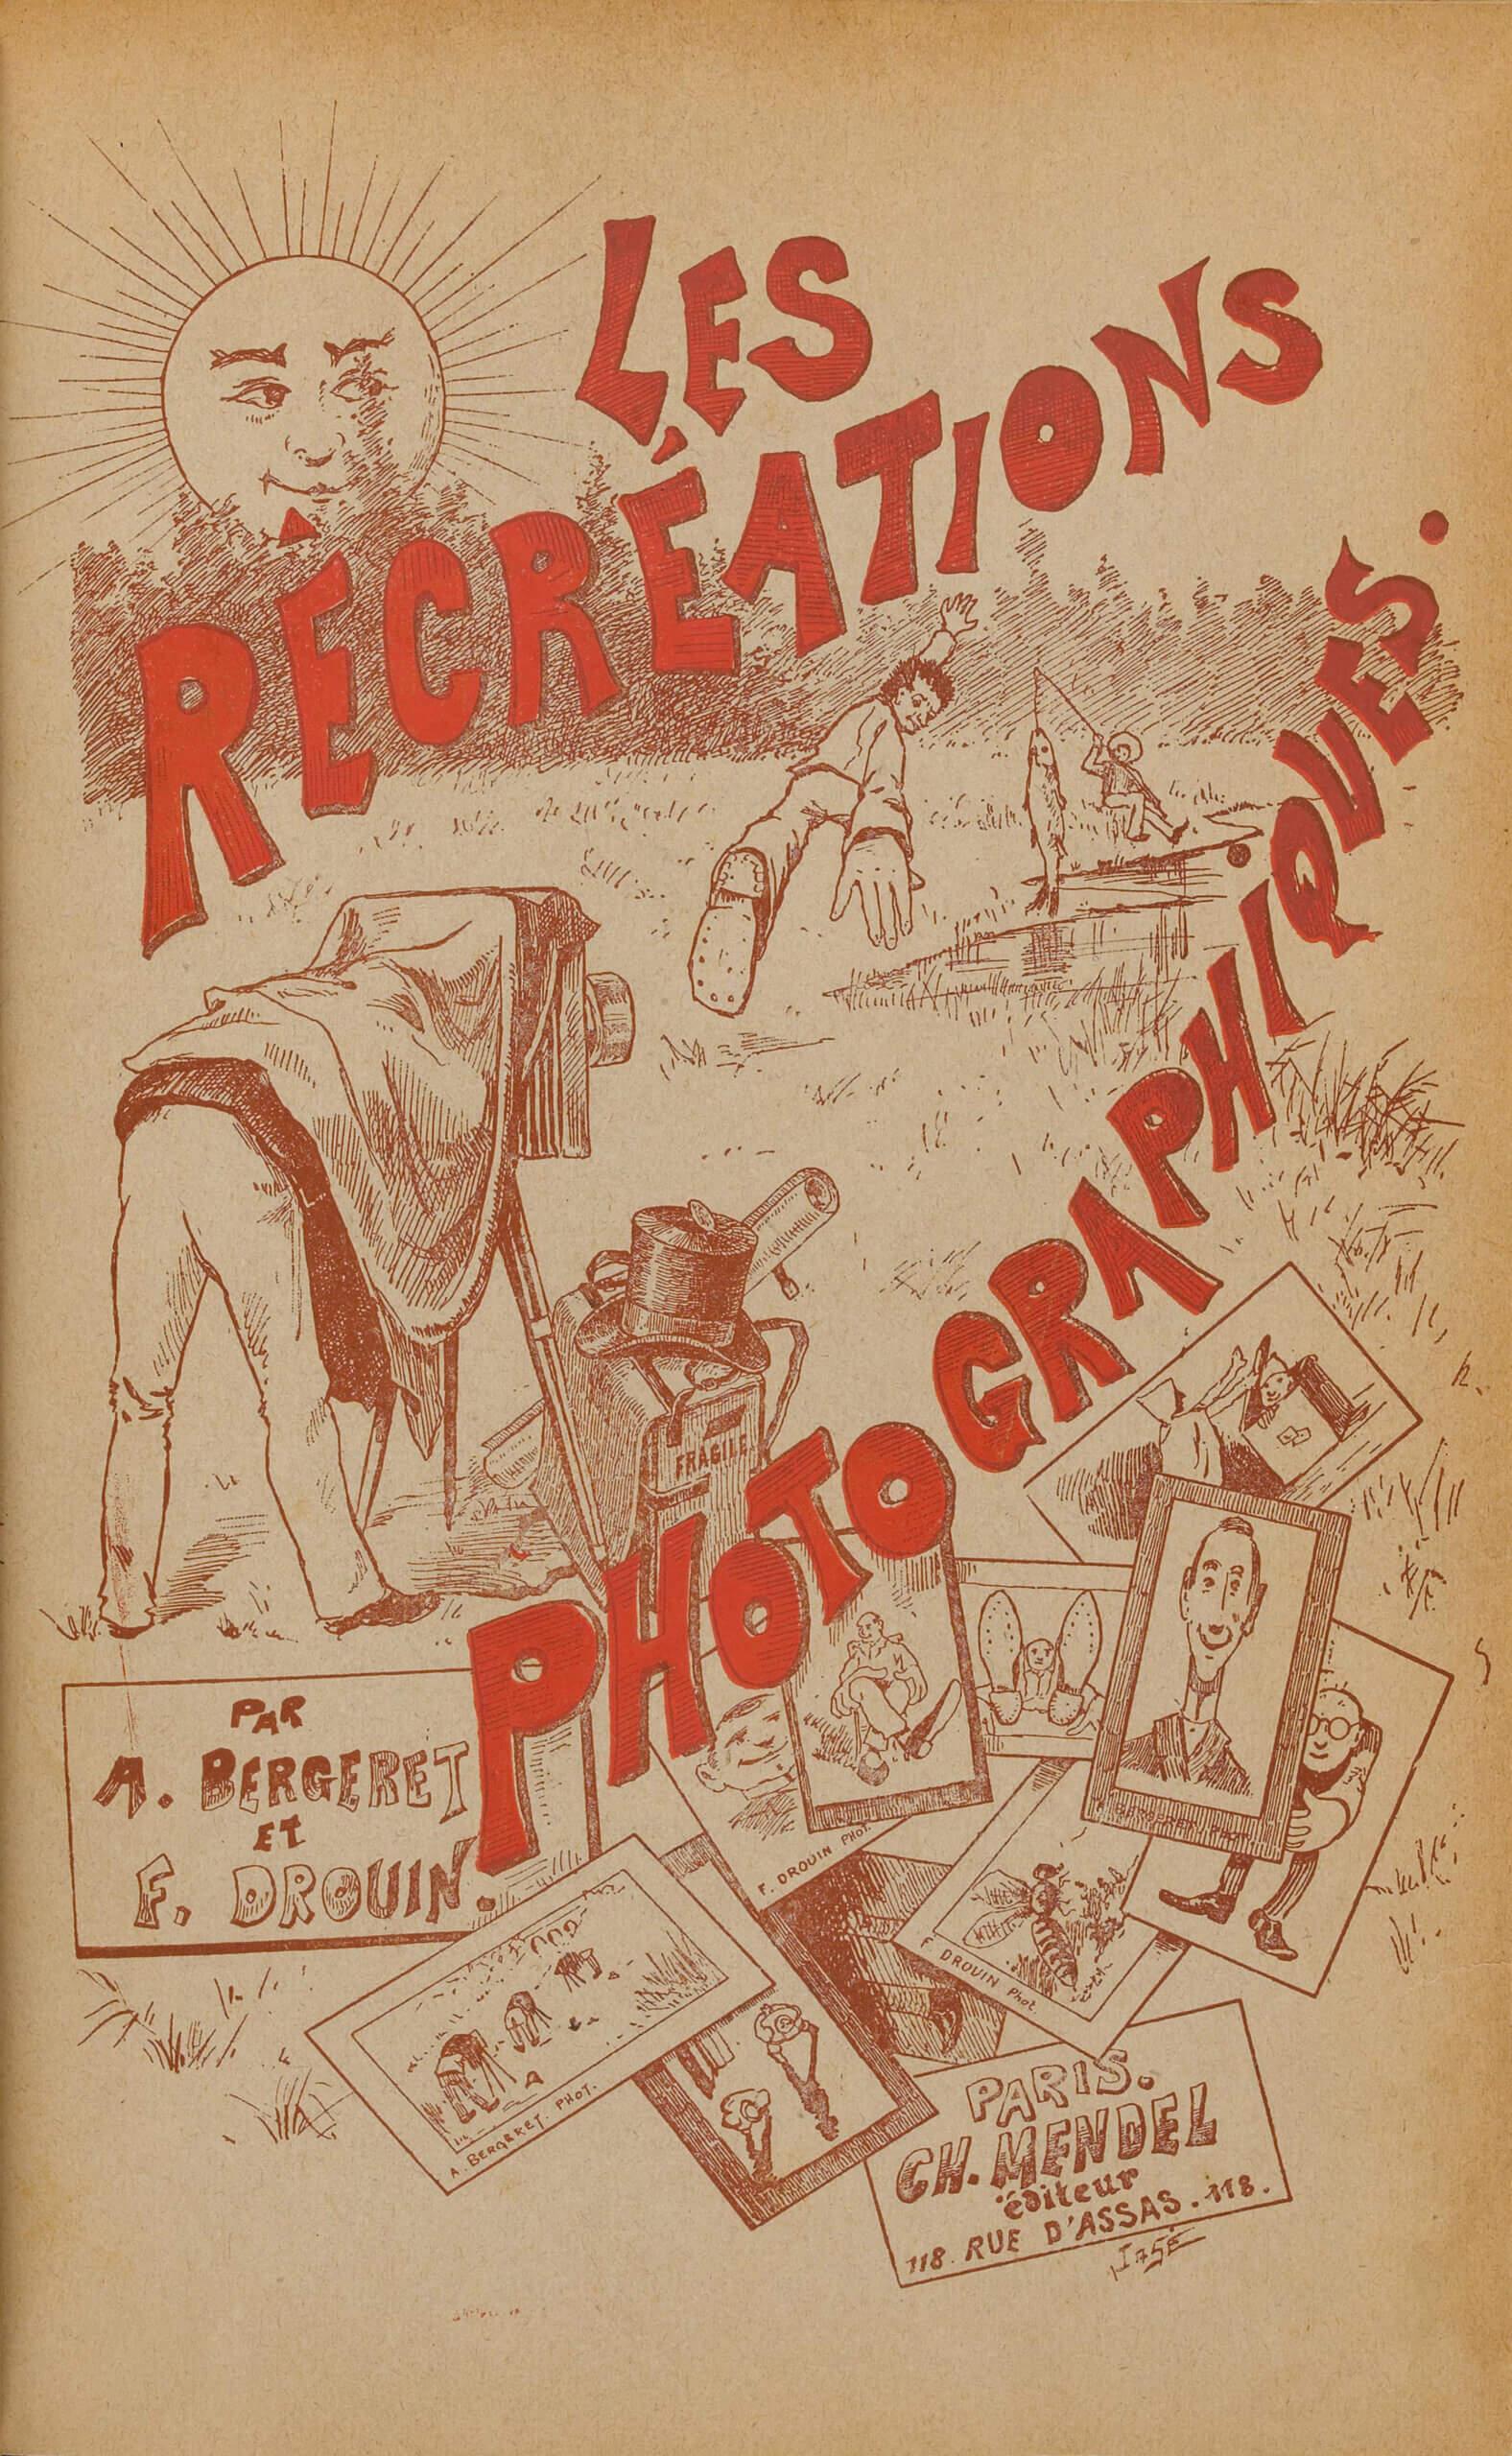 <i>Les récréations photographiques</i> [cover page], 1891, by A. Bergeret and Félix Drouin, Paris, Charles Mendel, 1891.